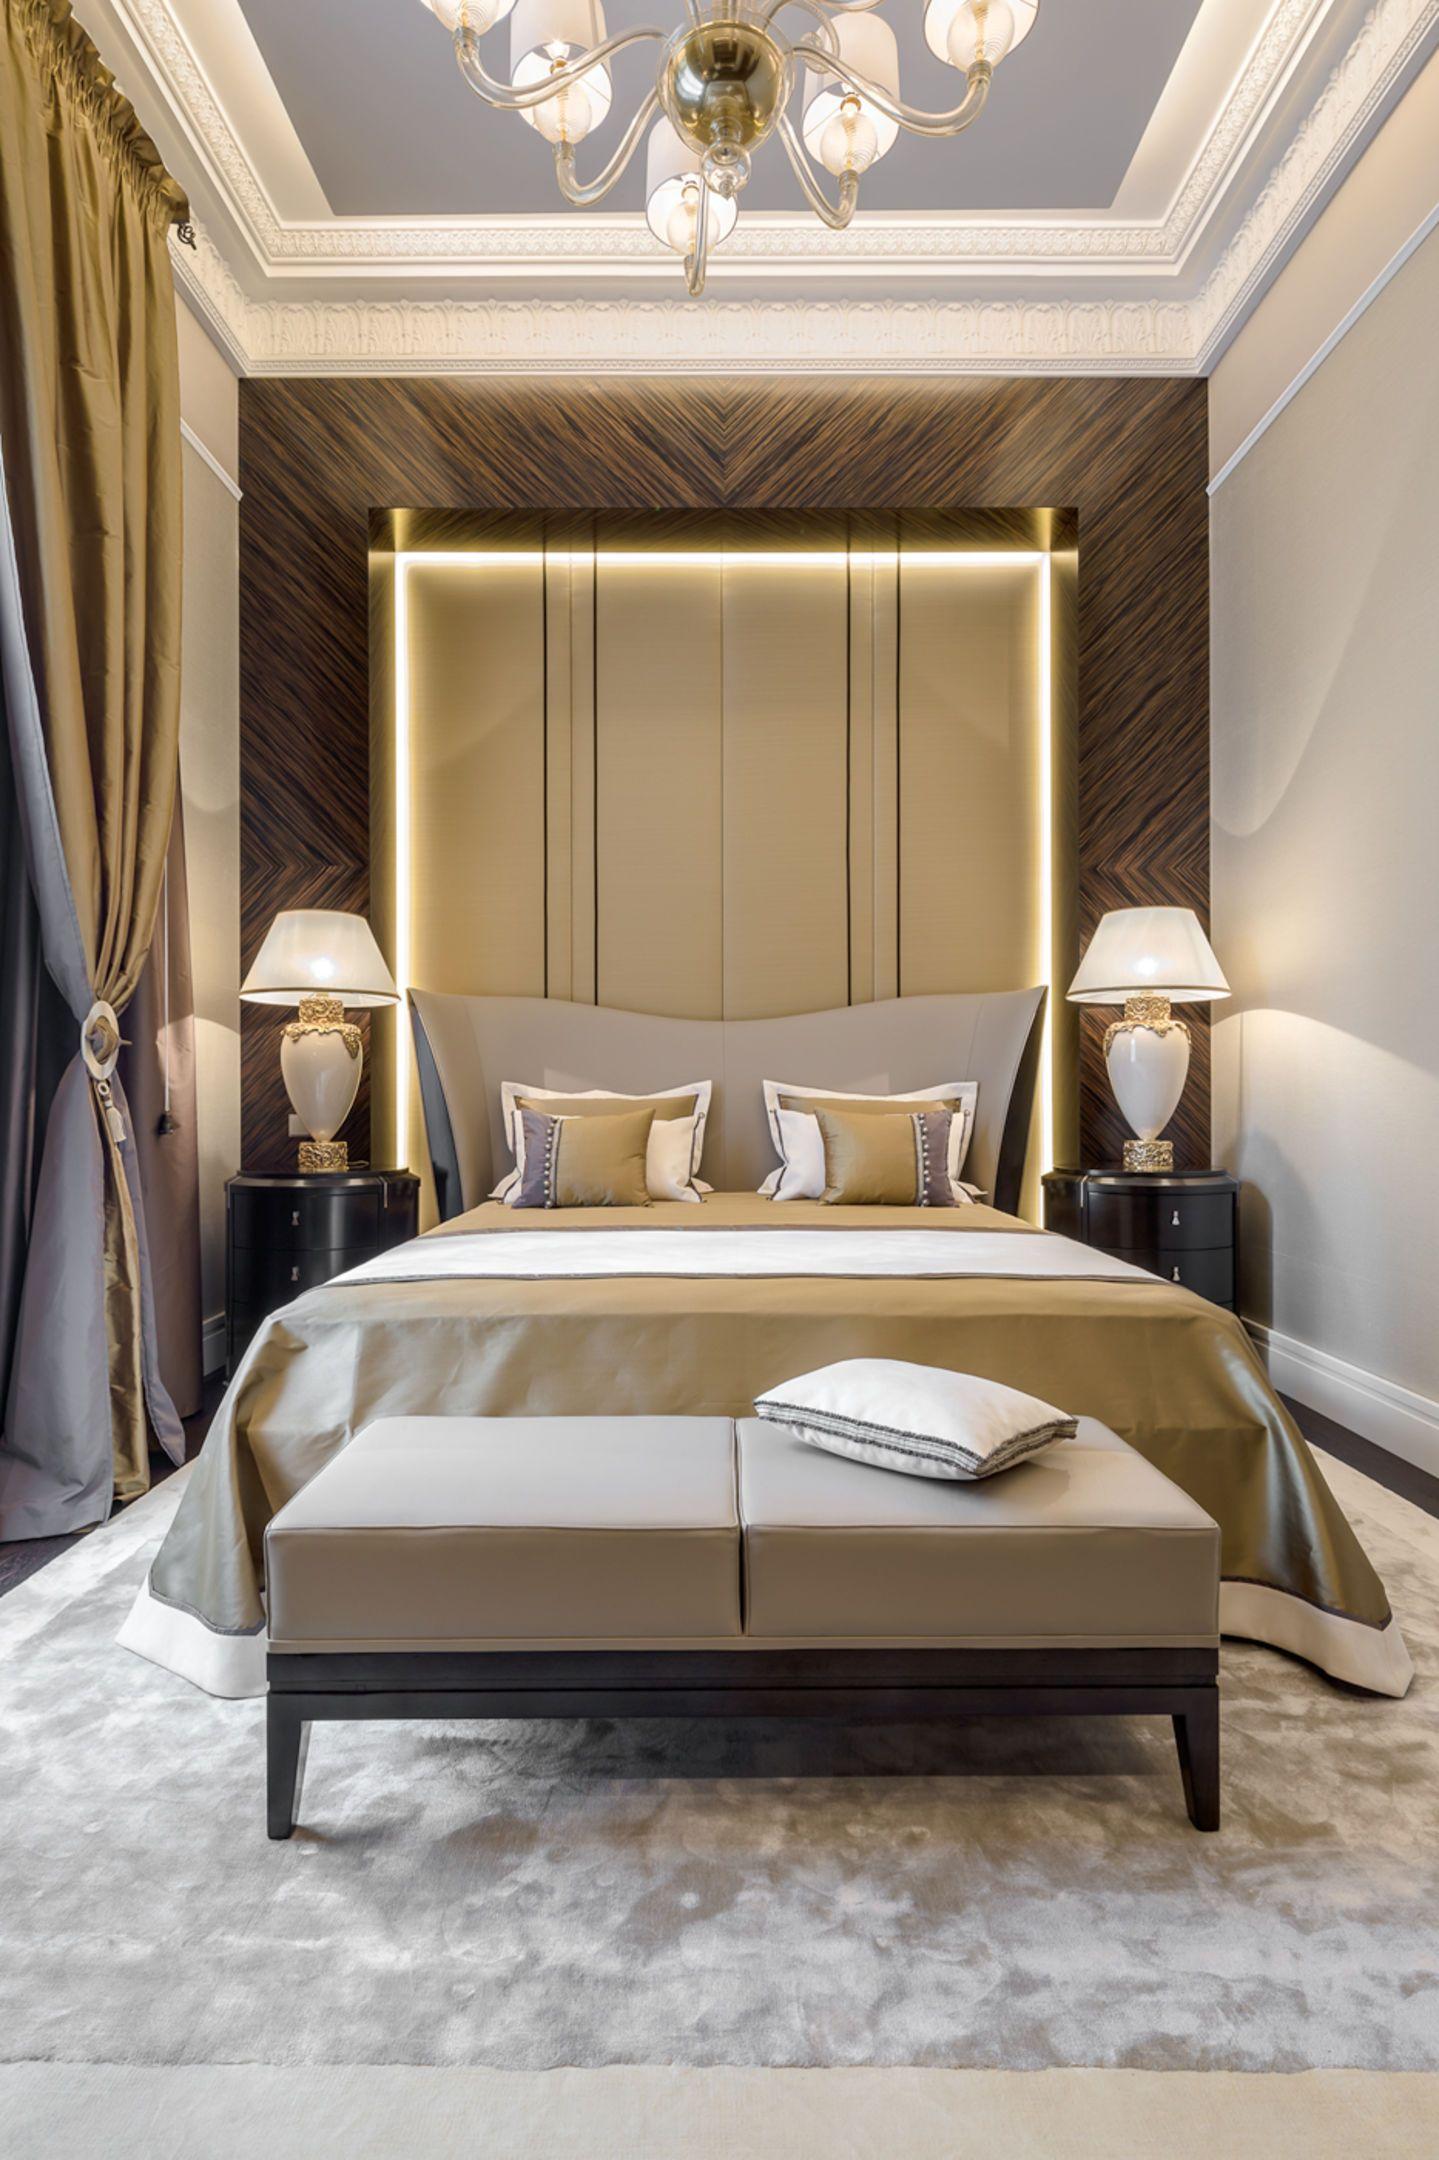 Klassische Moderne Einrichtungsideen | Ideen Für Wohnzimmergestaltung |  Http://wohnenmitklassikern.com/ | Hotel Interiors | Pinterest | Bedrooms,  ...